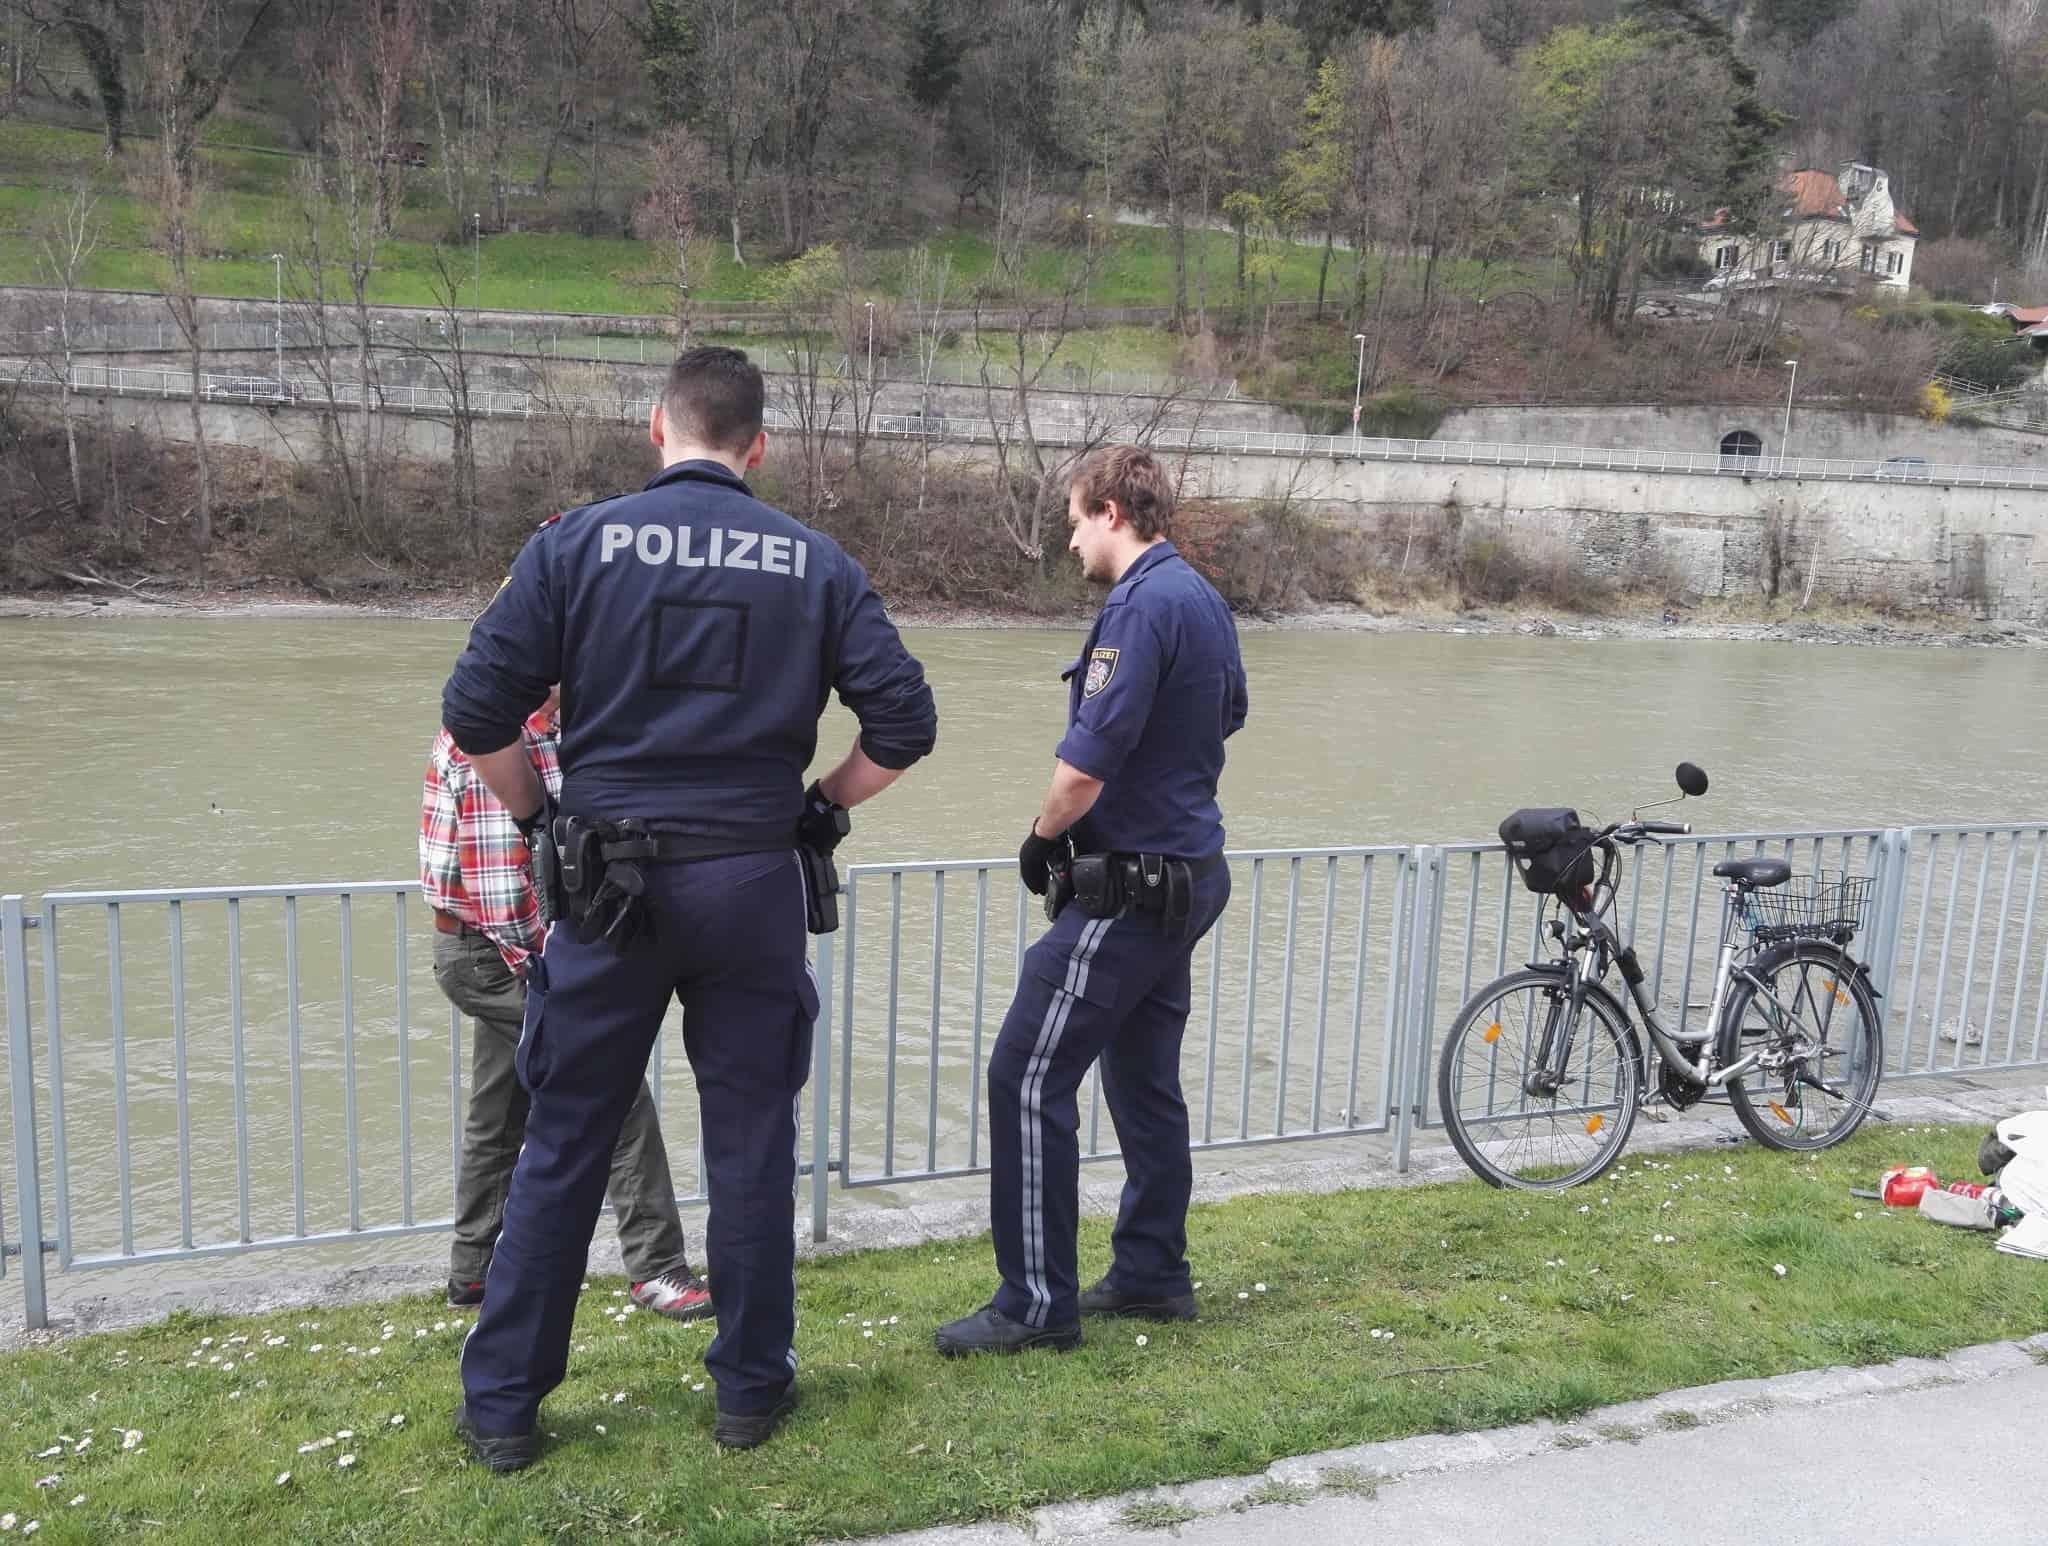 polzeieinsatz 5 - Polizeieinsatz vor laufender Kamera